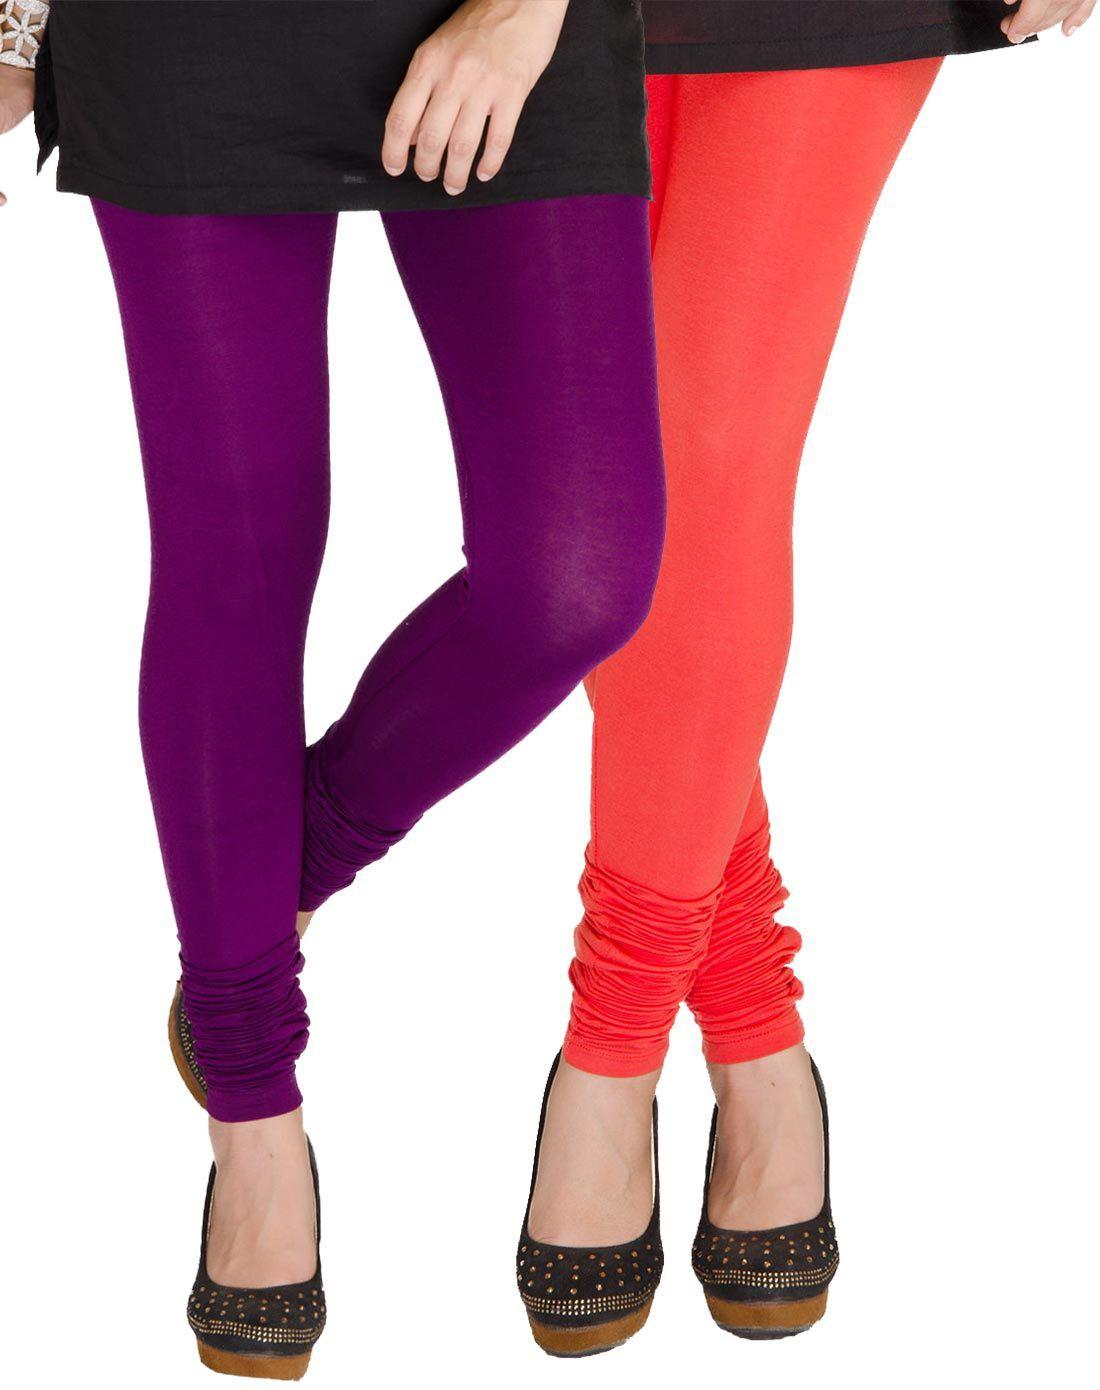 Medoo Womens Purple, Red Leggings(Pack of 2)